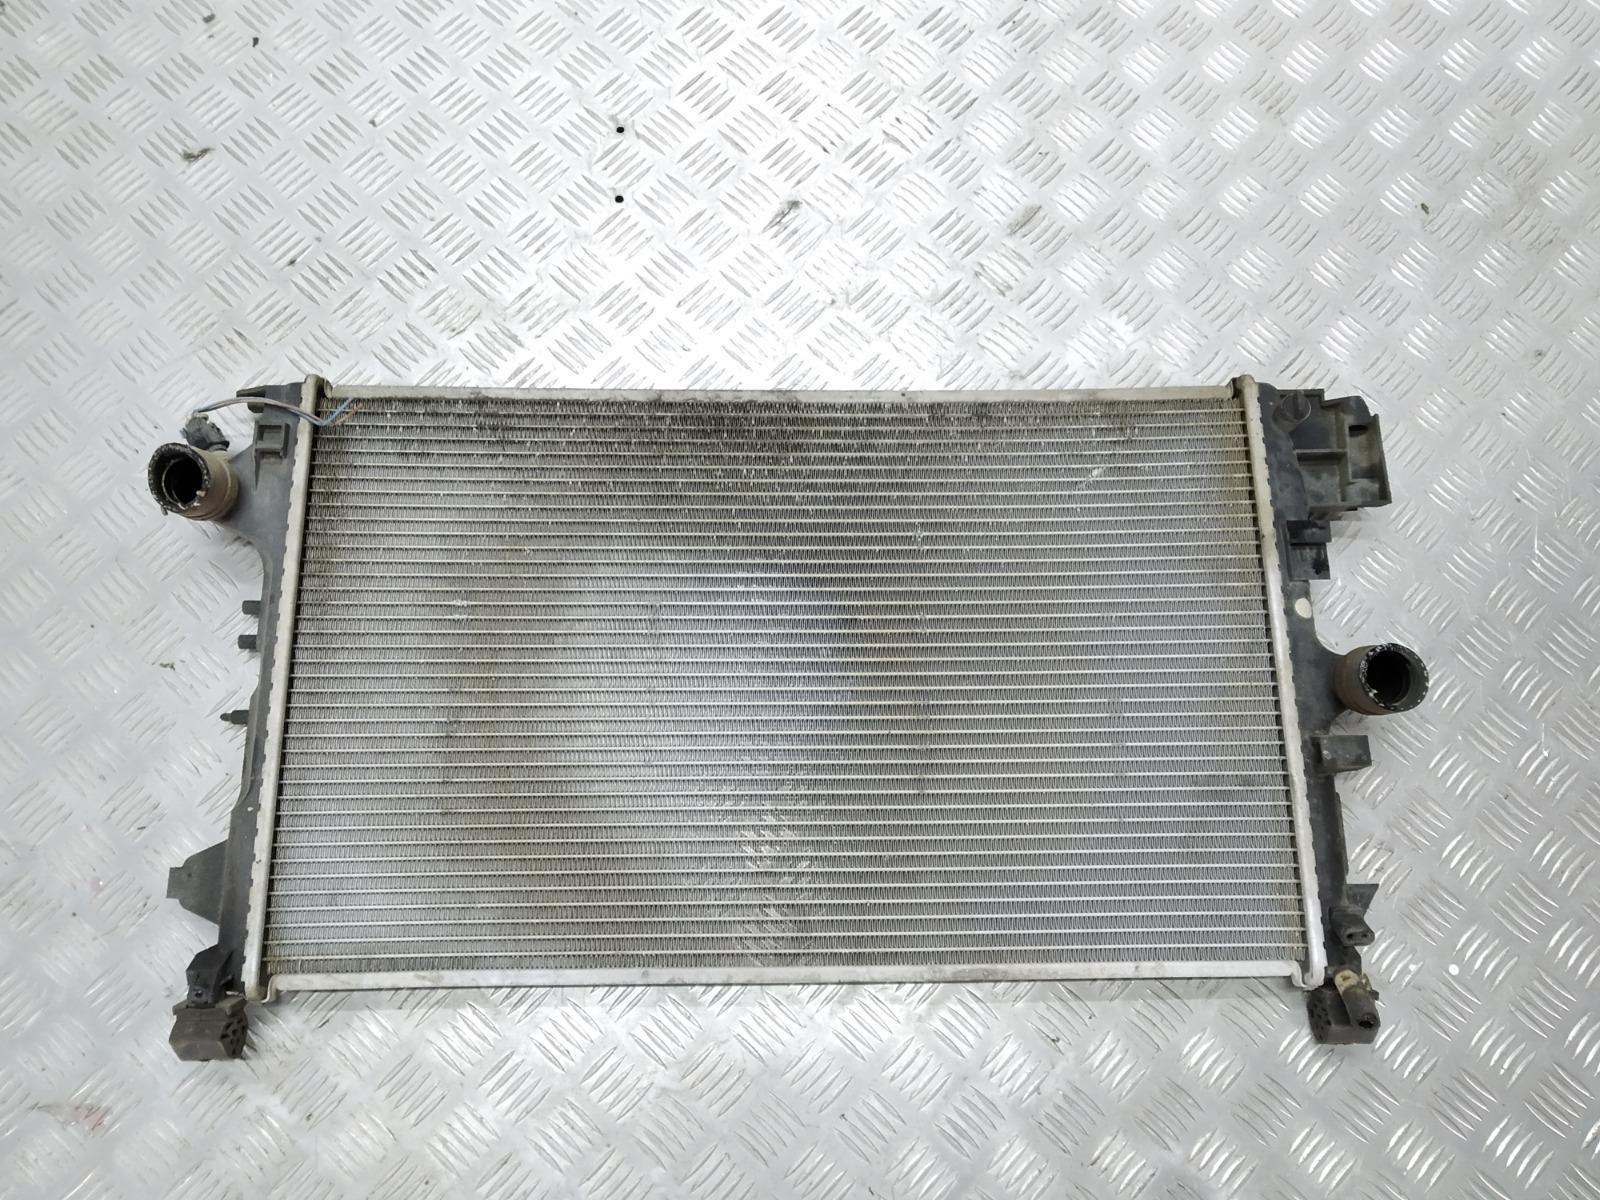 Радиатор (основной) Opel Vectra C 1.8 I 2007 (б/у)